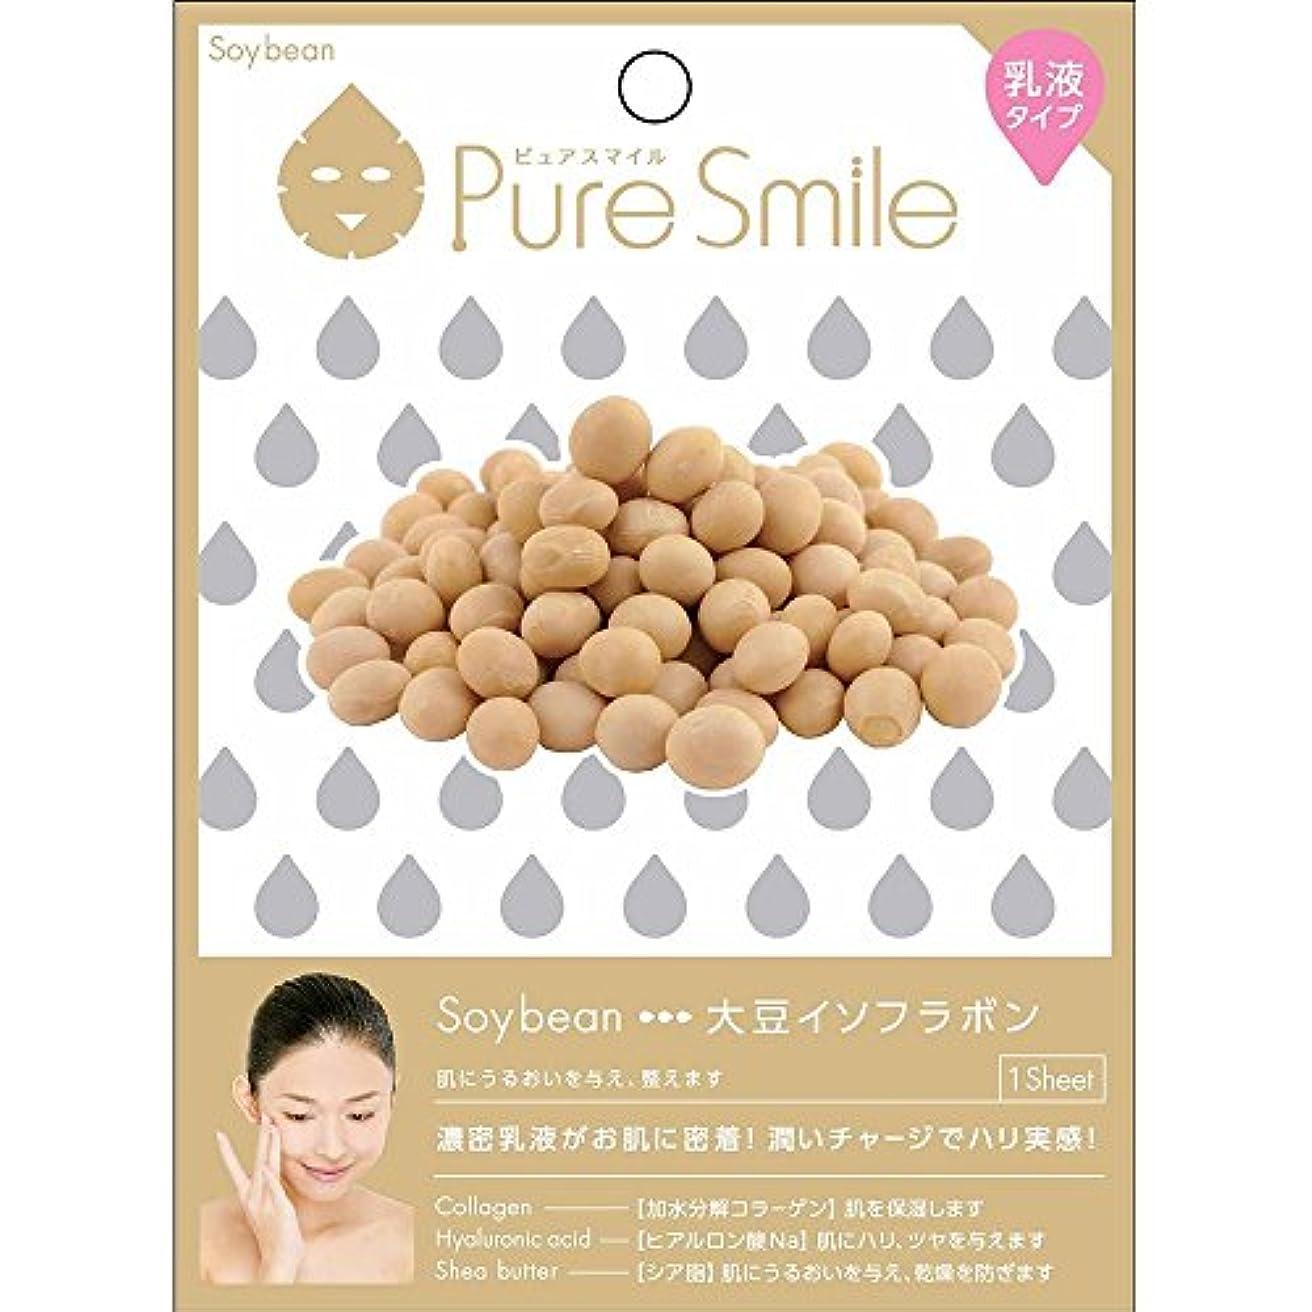 応援する病弱のためにPure Smile(ピュアスマイル) 乳液エッセンスマスク 1 枚 大豆イソフラボン